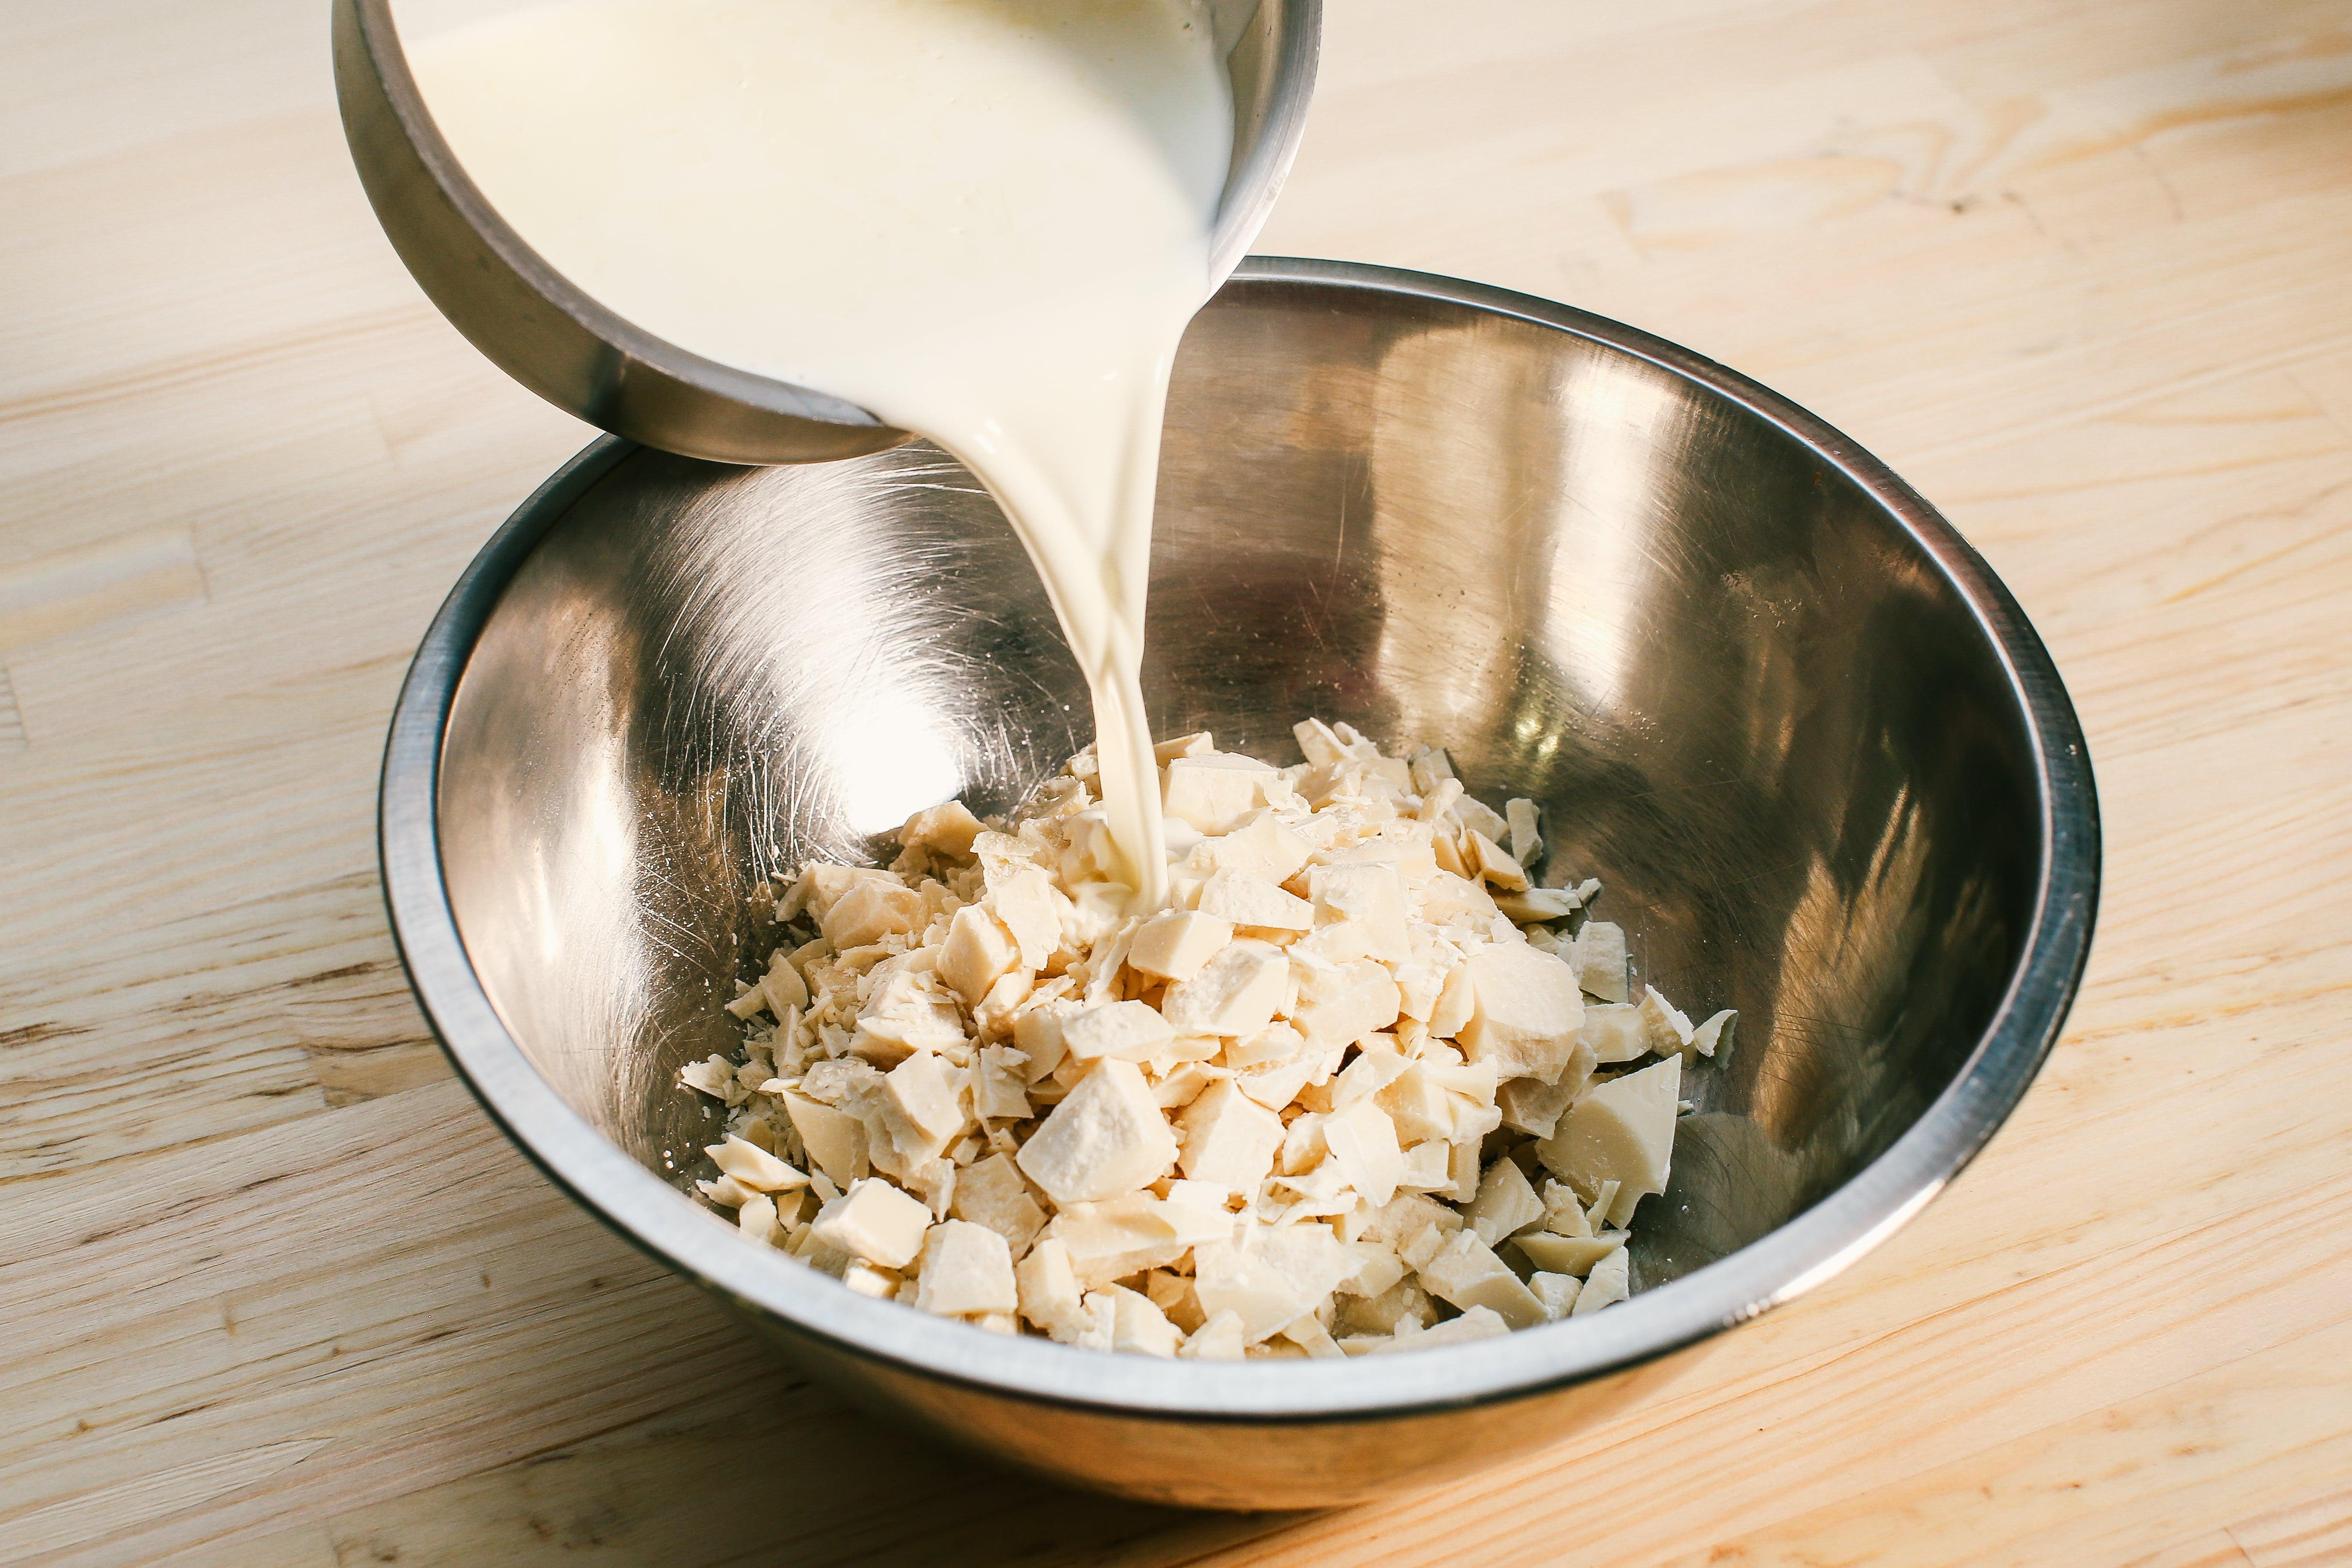 Для крему нагріті  (70-80ºC) вершки виливаємо в шоколад, розчиняємо і відправляємо в морозильну камеру на 2-3 години або в холодильник на 8-10 годин. Це називається – збитий ганаш.